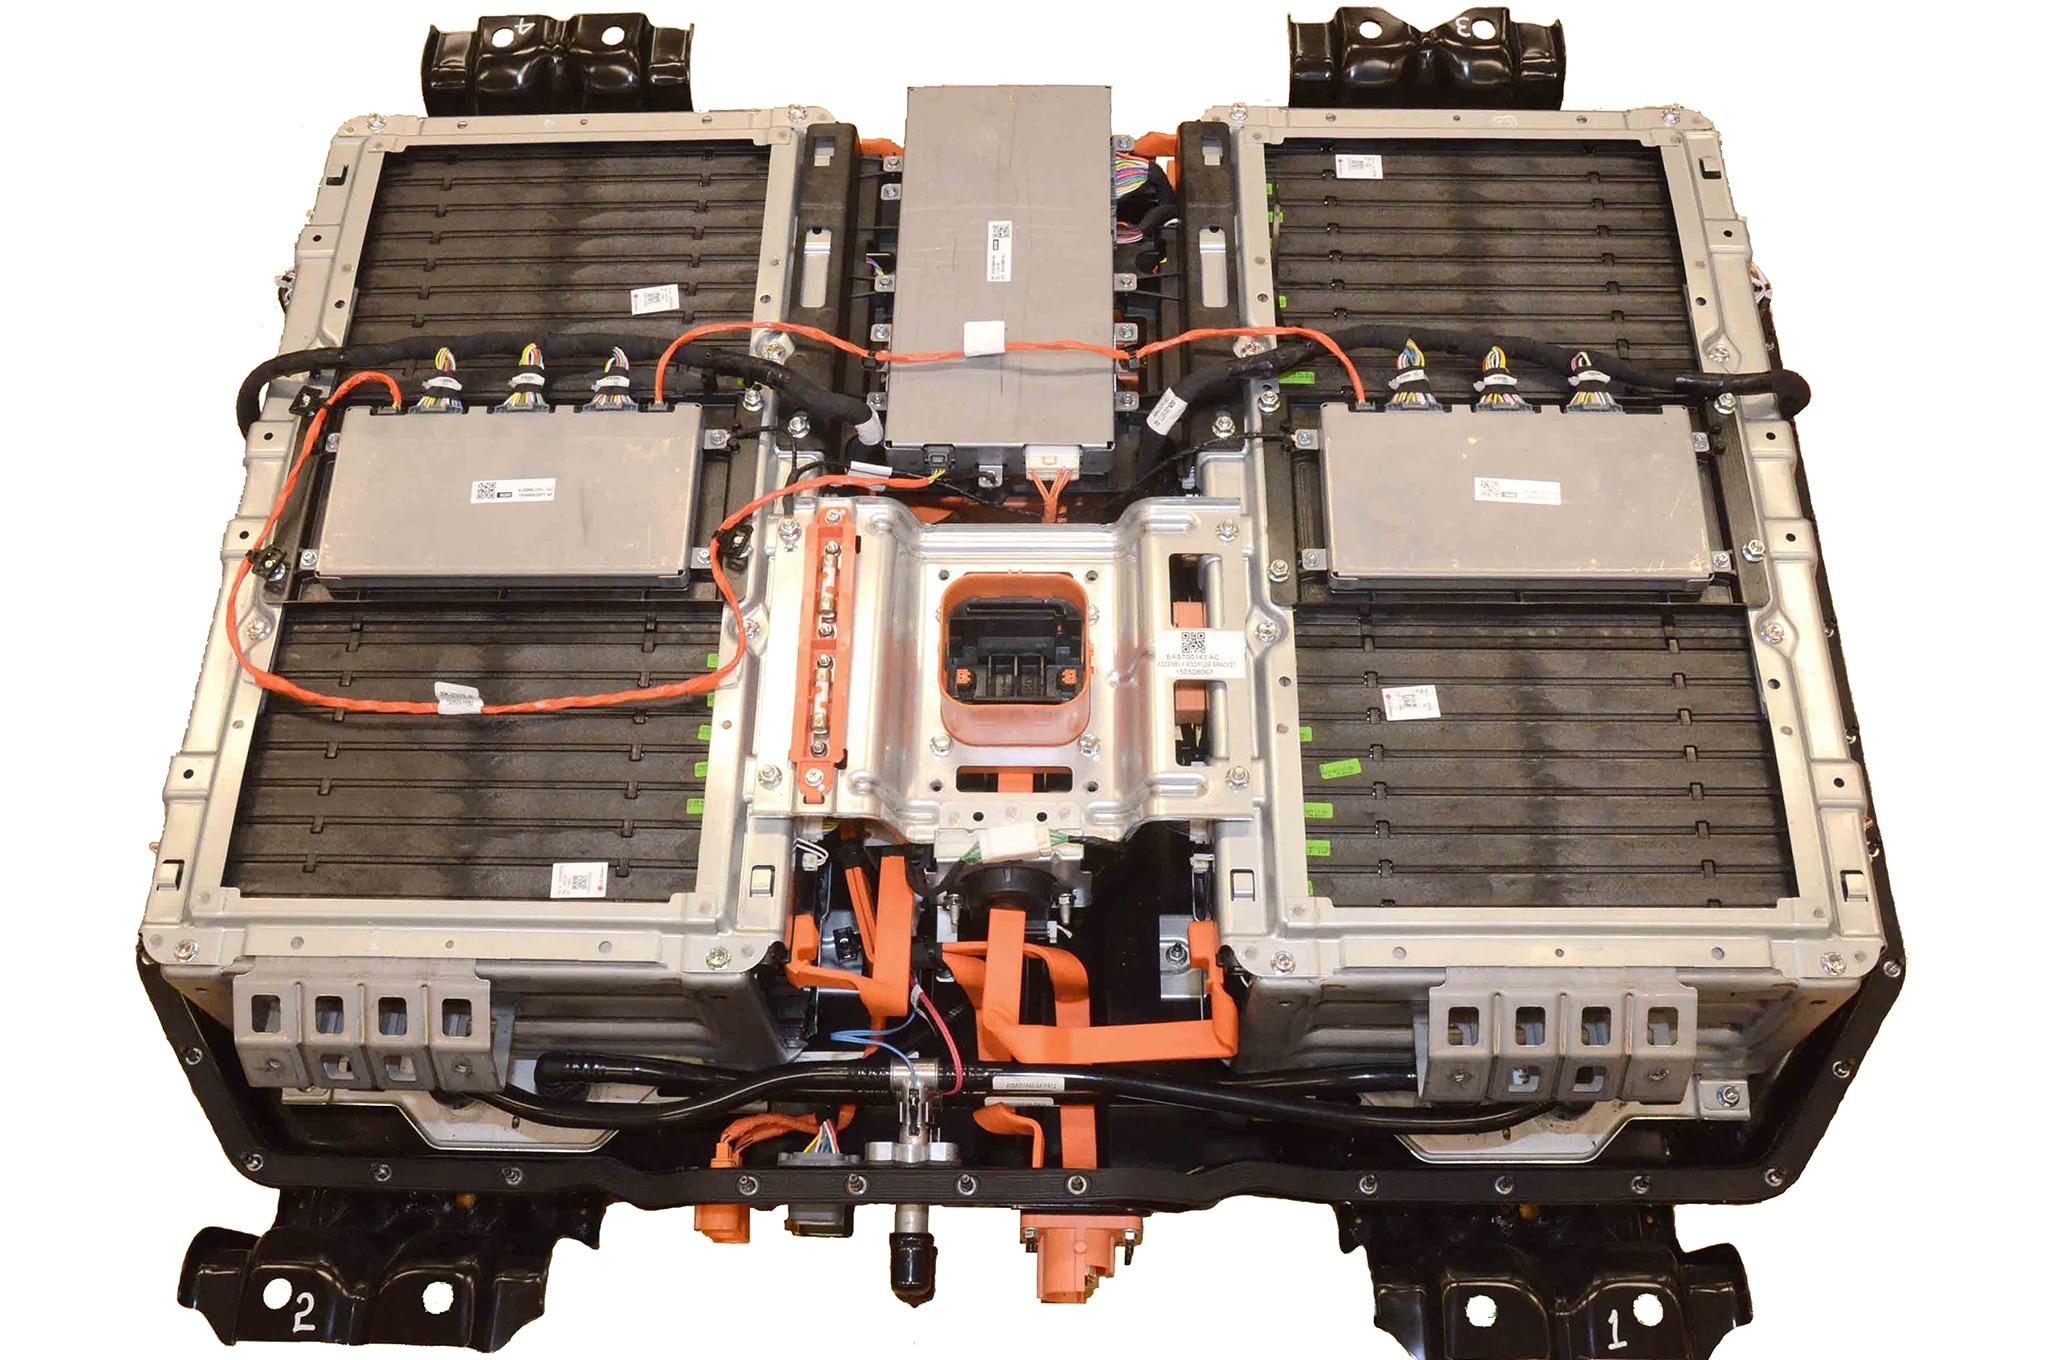 Ixchariot 730 crack - ixchariot 730 crack generator